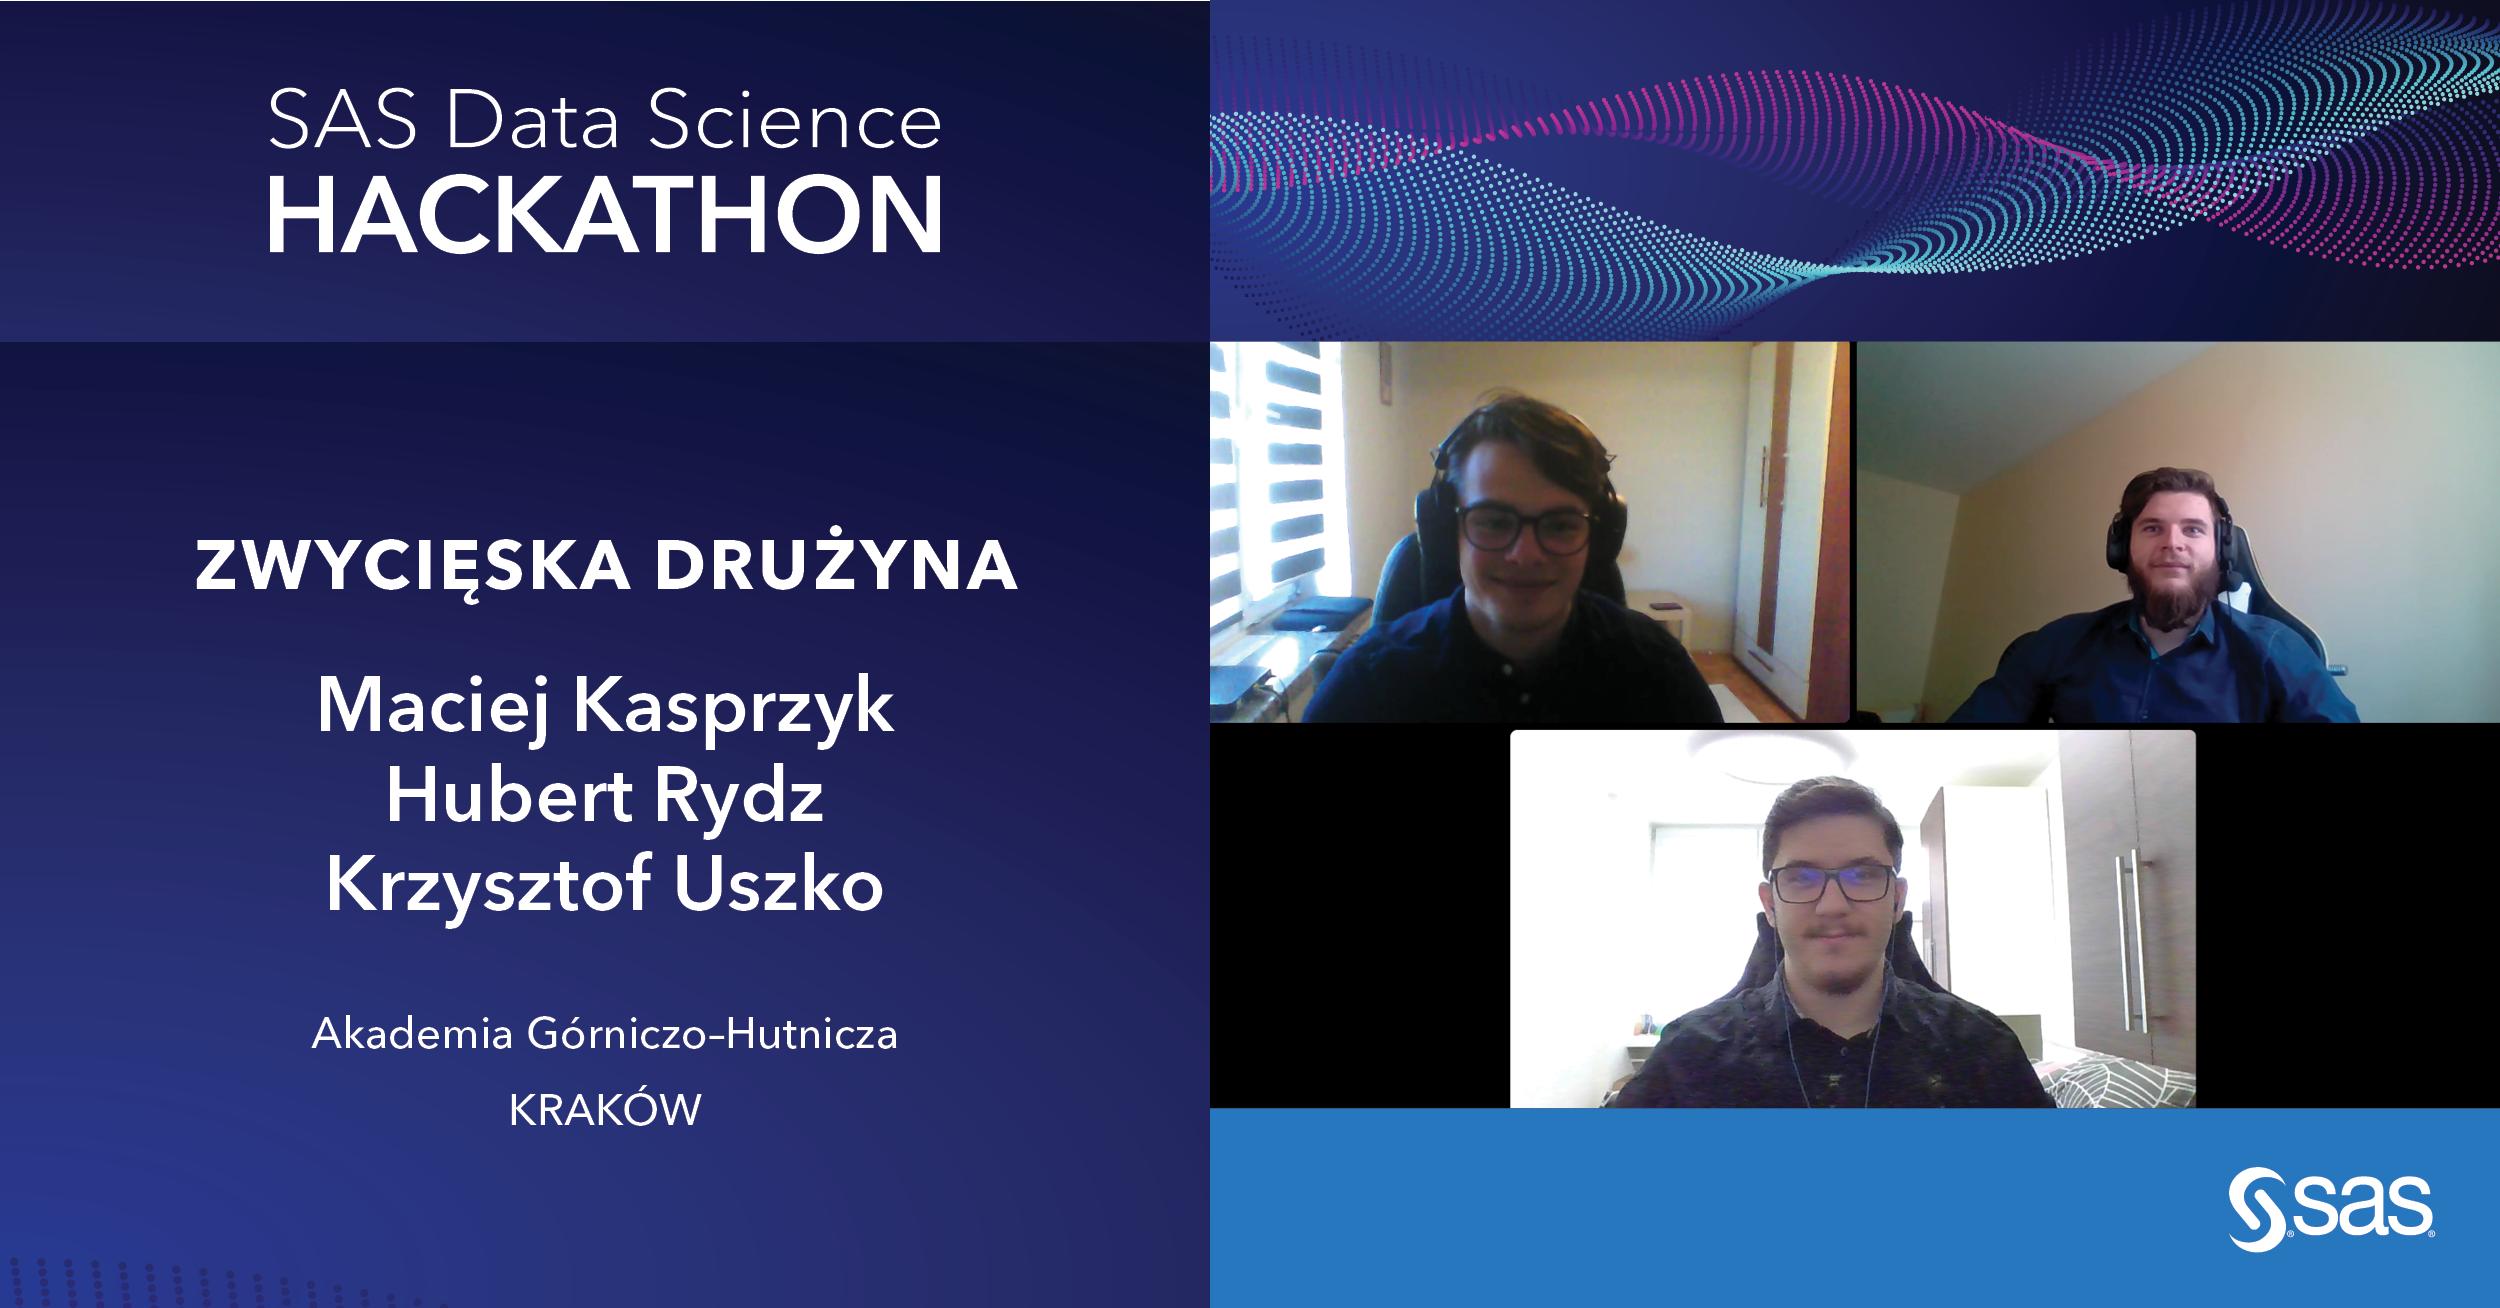 SAS Data Science Hackathon - turniej analityczny z misją